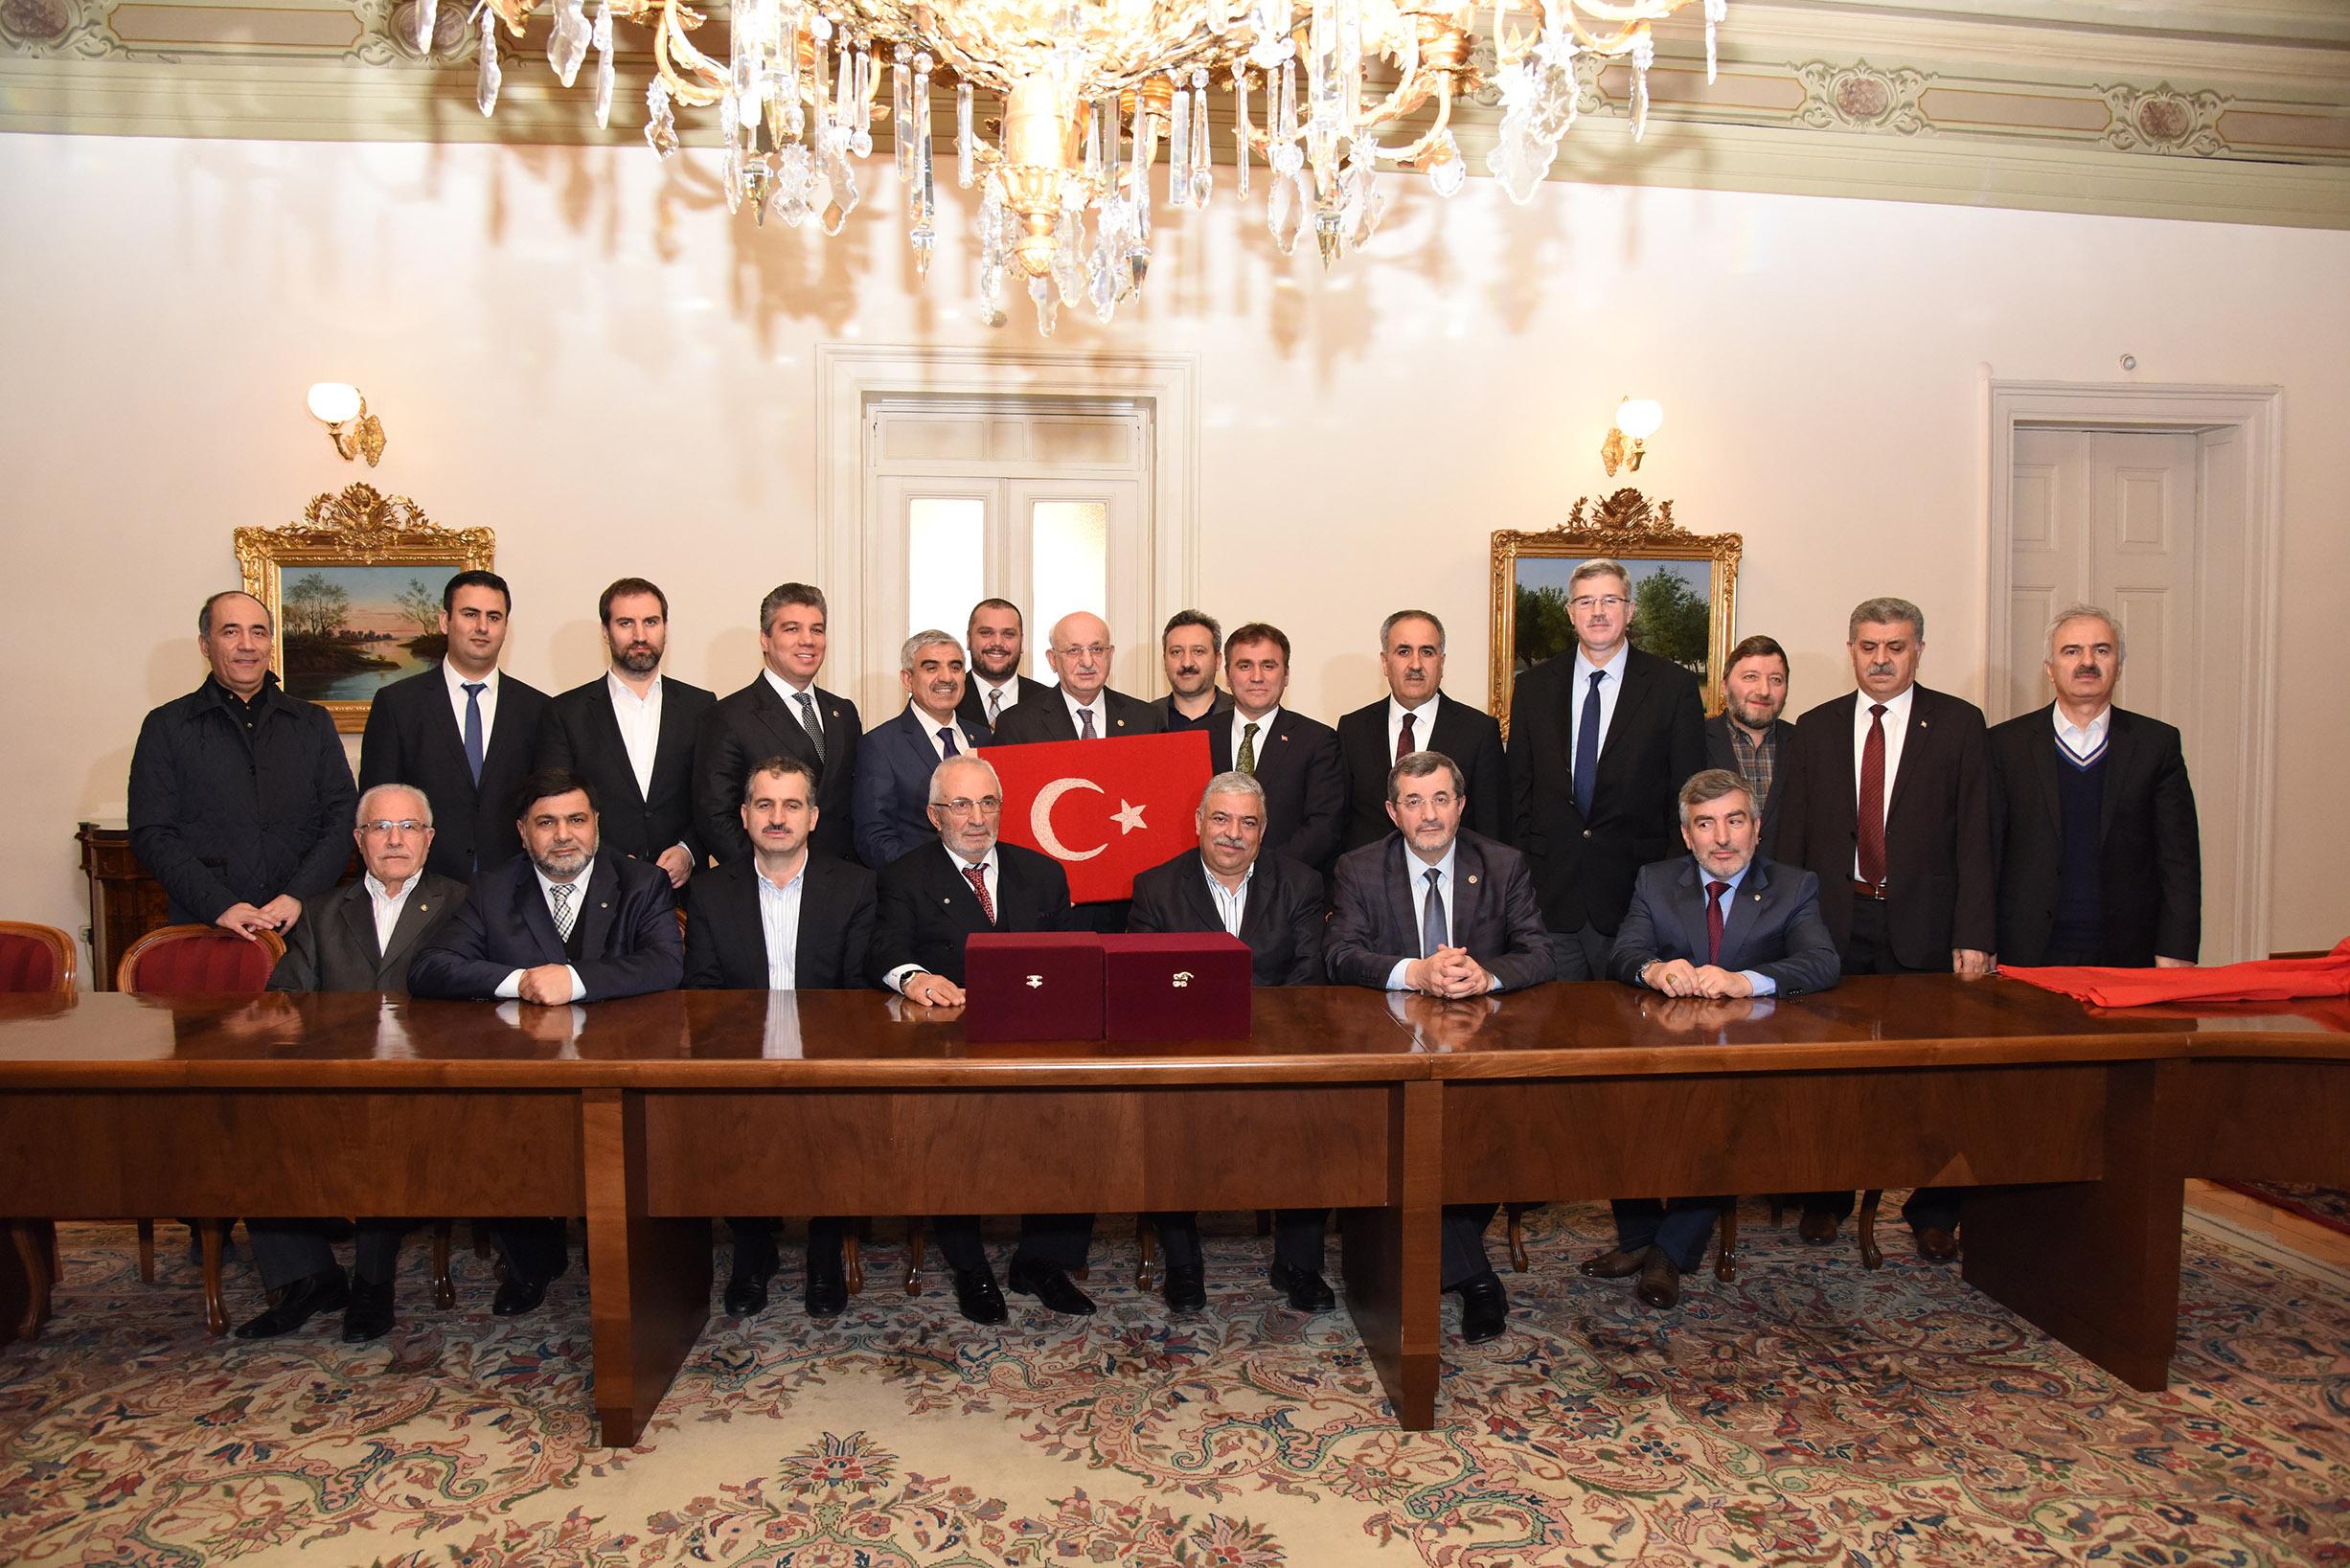 İki Kardeş Vakfı, Meclis Başkanı İsmail Karaman'ı Ziyaret Etti